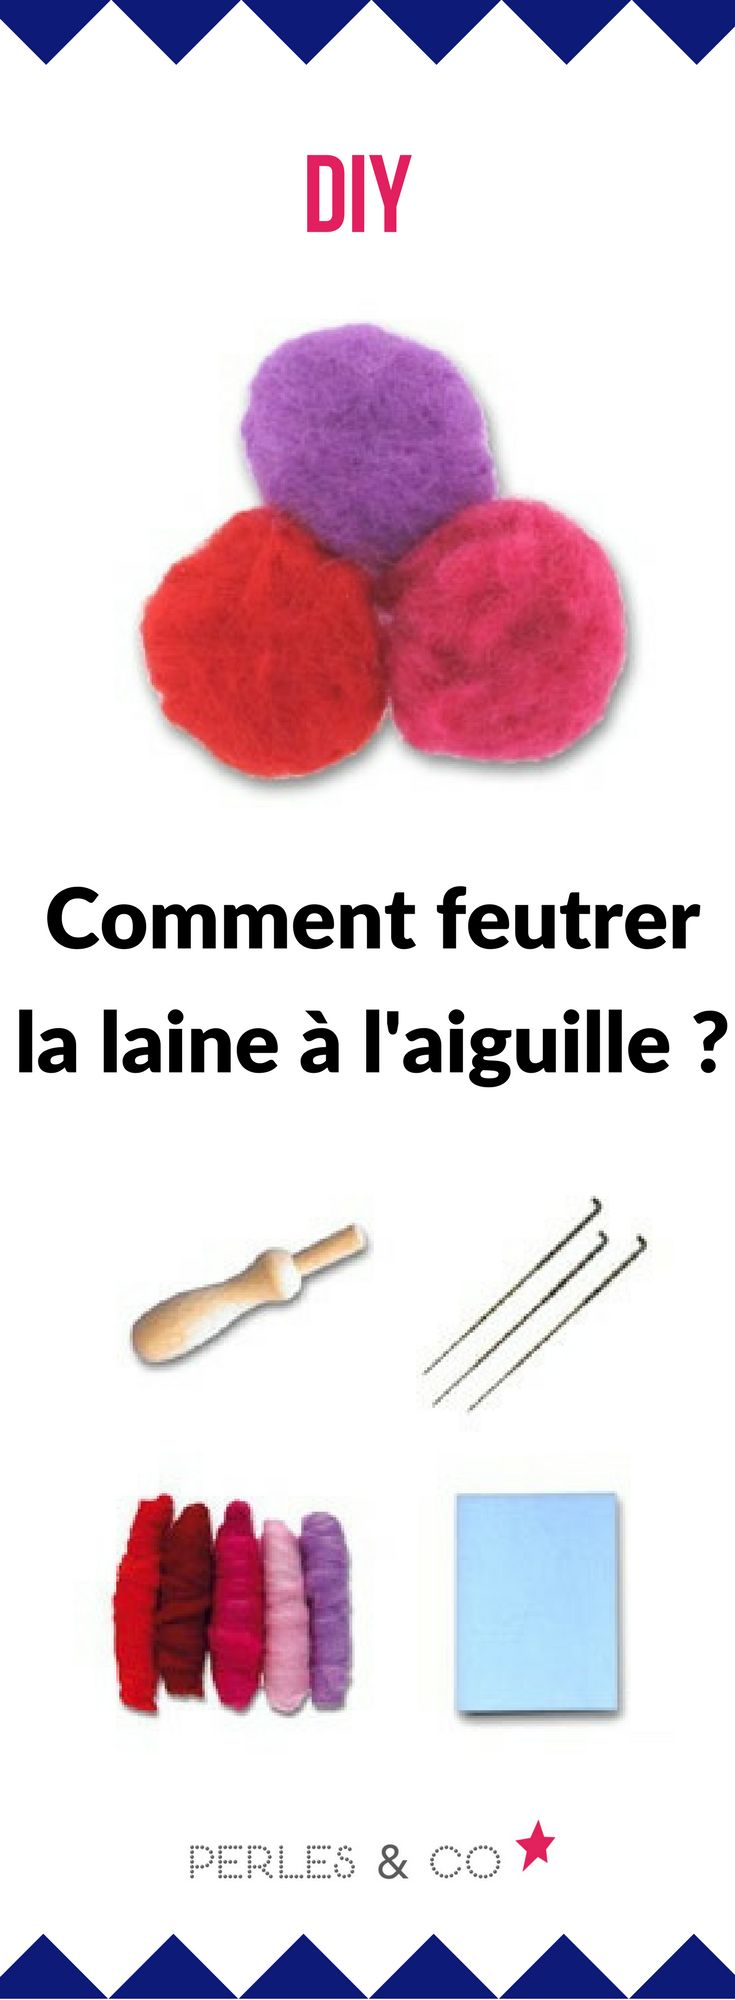 Comment feutrer la laine à l'aiguille ? Il existe différentes techniques pour feutrer la laine : à l'aiguille, au savon, ou à la machine à laver. Voici un exemple de réalisation de feutrage à l'aiguille que l'on appelle aiguilletage. C'est une technique moins compliquée qu'il n'y paraît, qui consiste à entremêler la laine pour la rendre plus compacte. #diy #laine #feutrer #aiguille #technique #tuto #astuce #conseil #comment